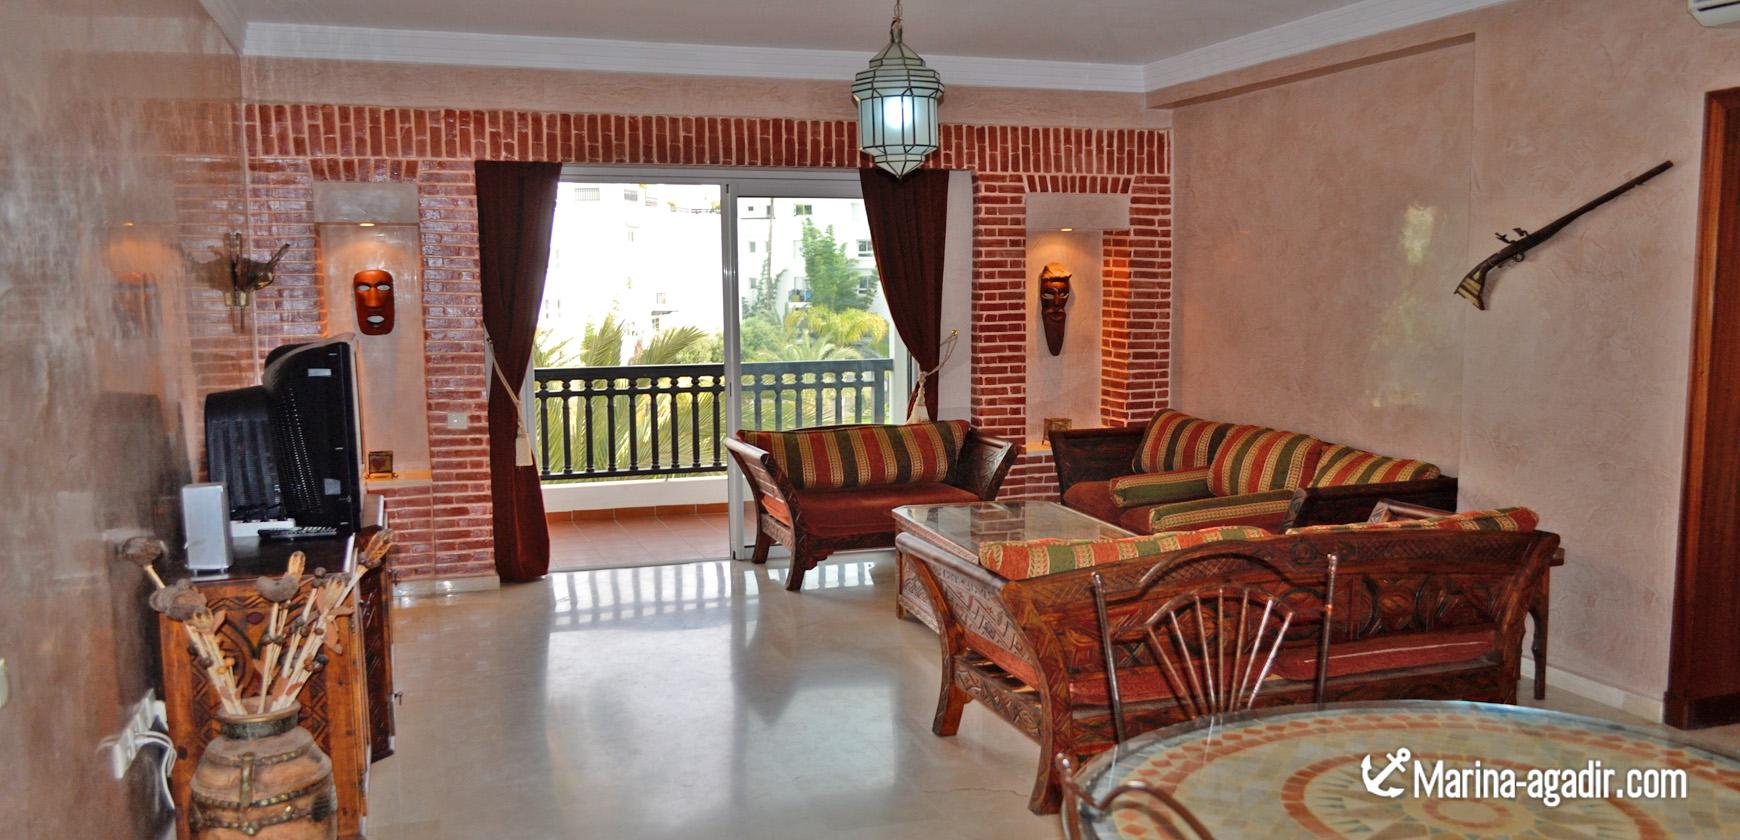 Appartement a Vendre Marina Agadir V11